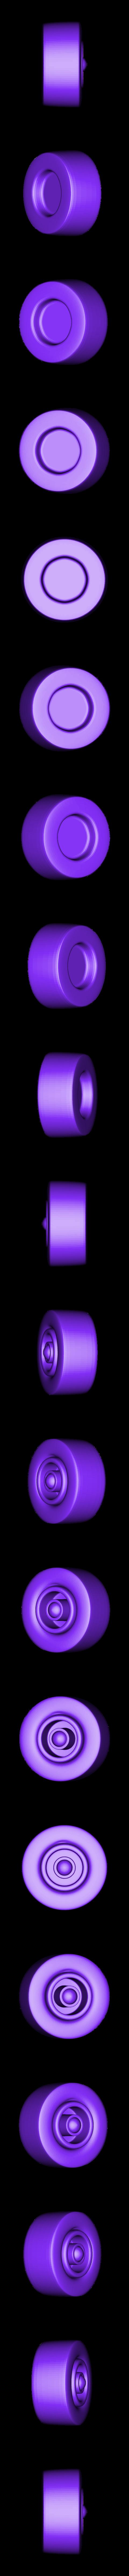 Tire-Front-R.stl Download STL file Rocket Car • 3D printer design, svandalk